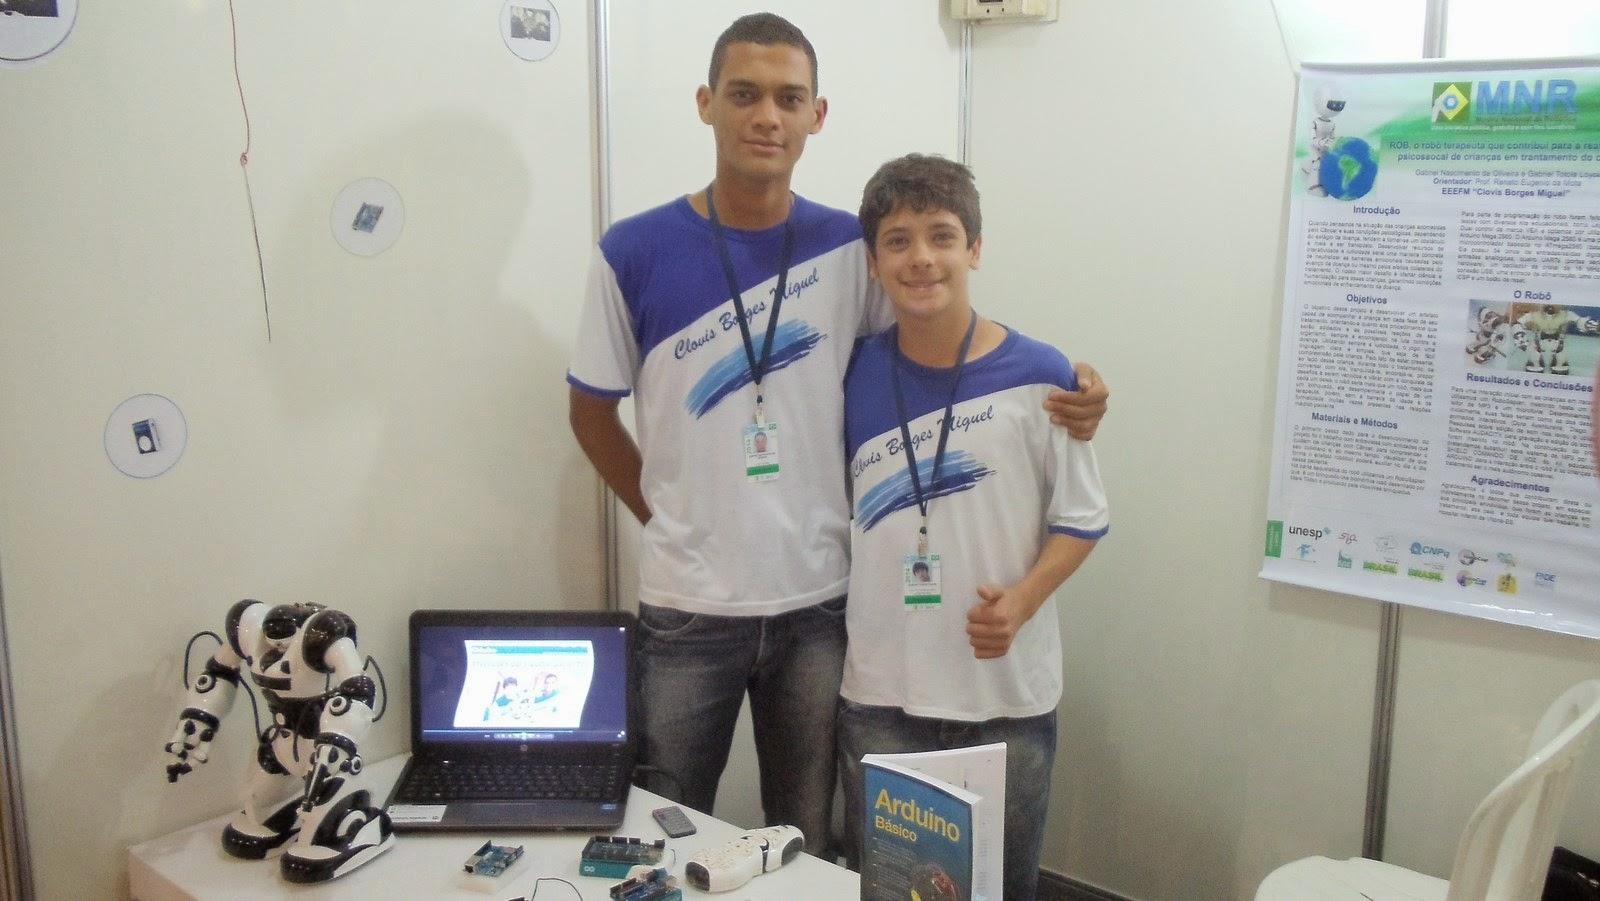 Equipe EEEFM Clovis Borges Miguel